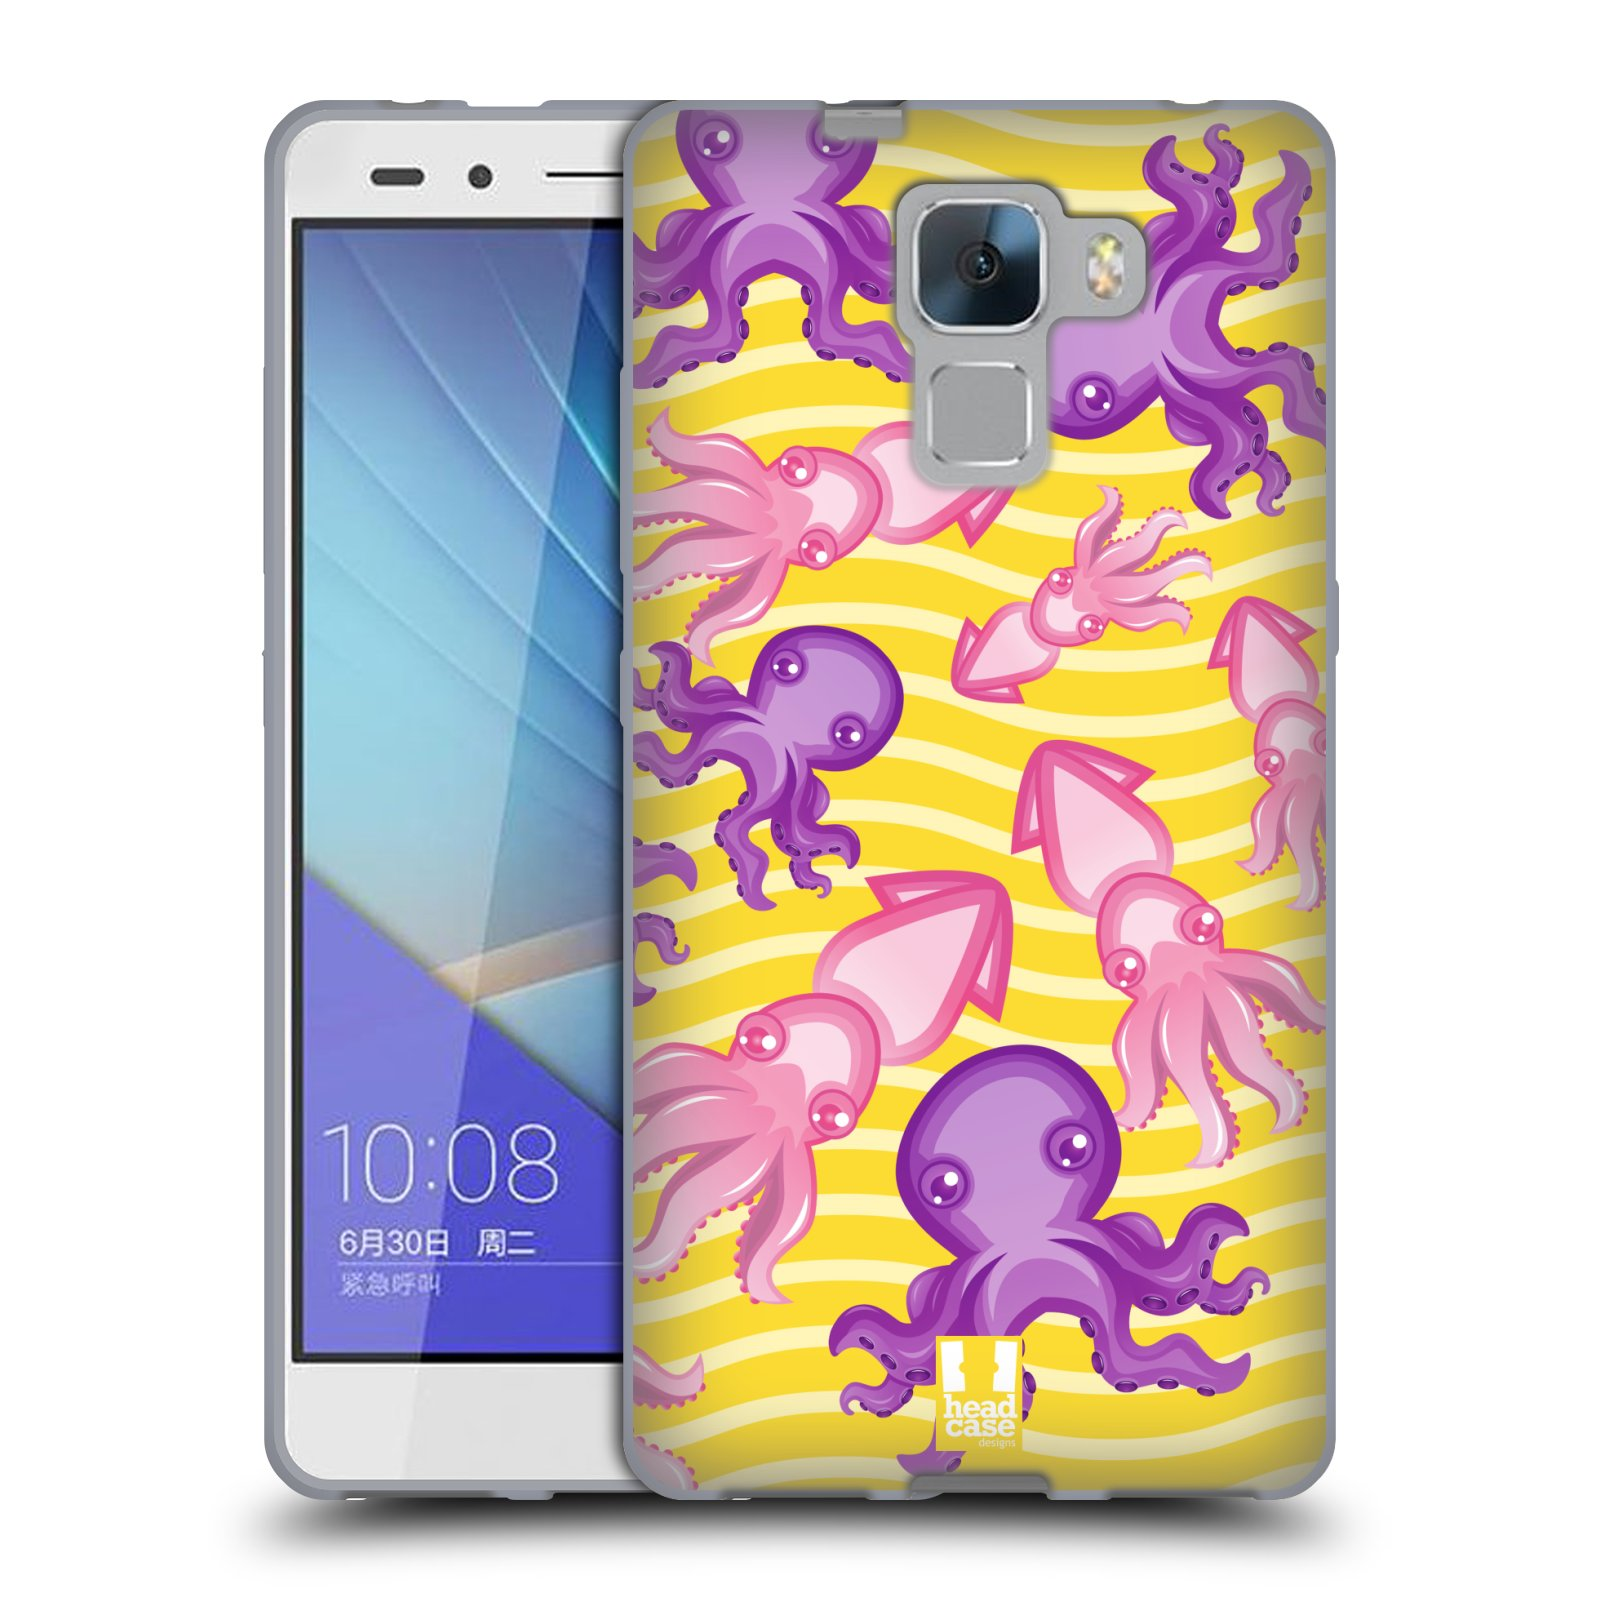 HEAD CASE silikonový obal na mobil HUAWEI HONOR 7 vzor mořský živočich chobotnice